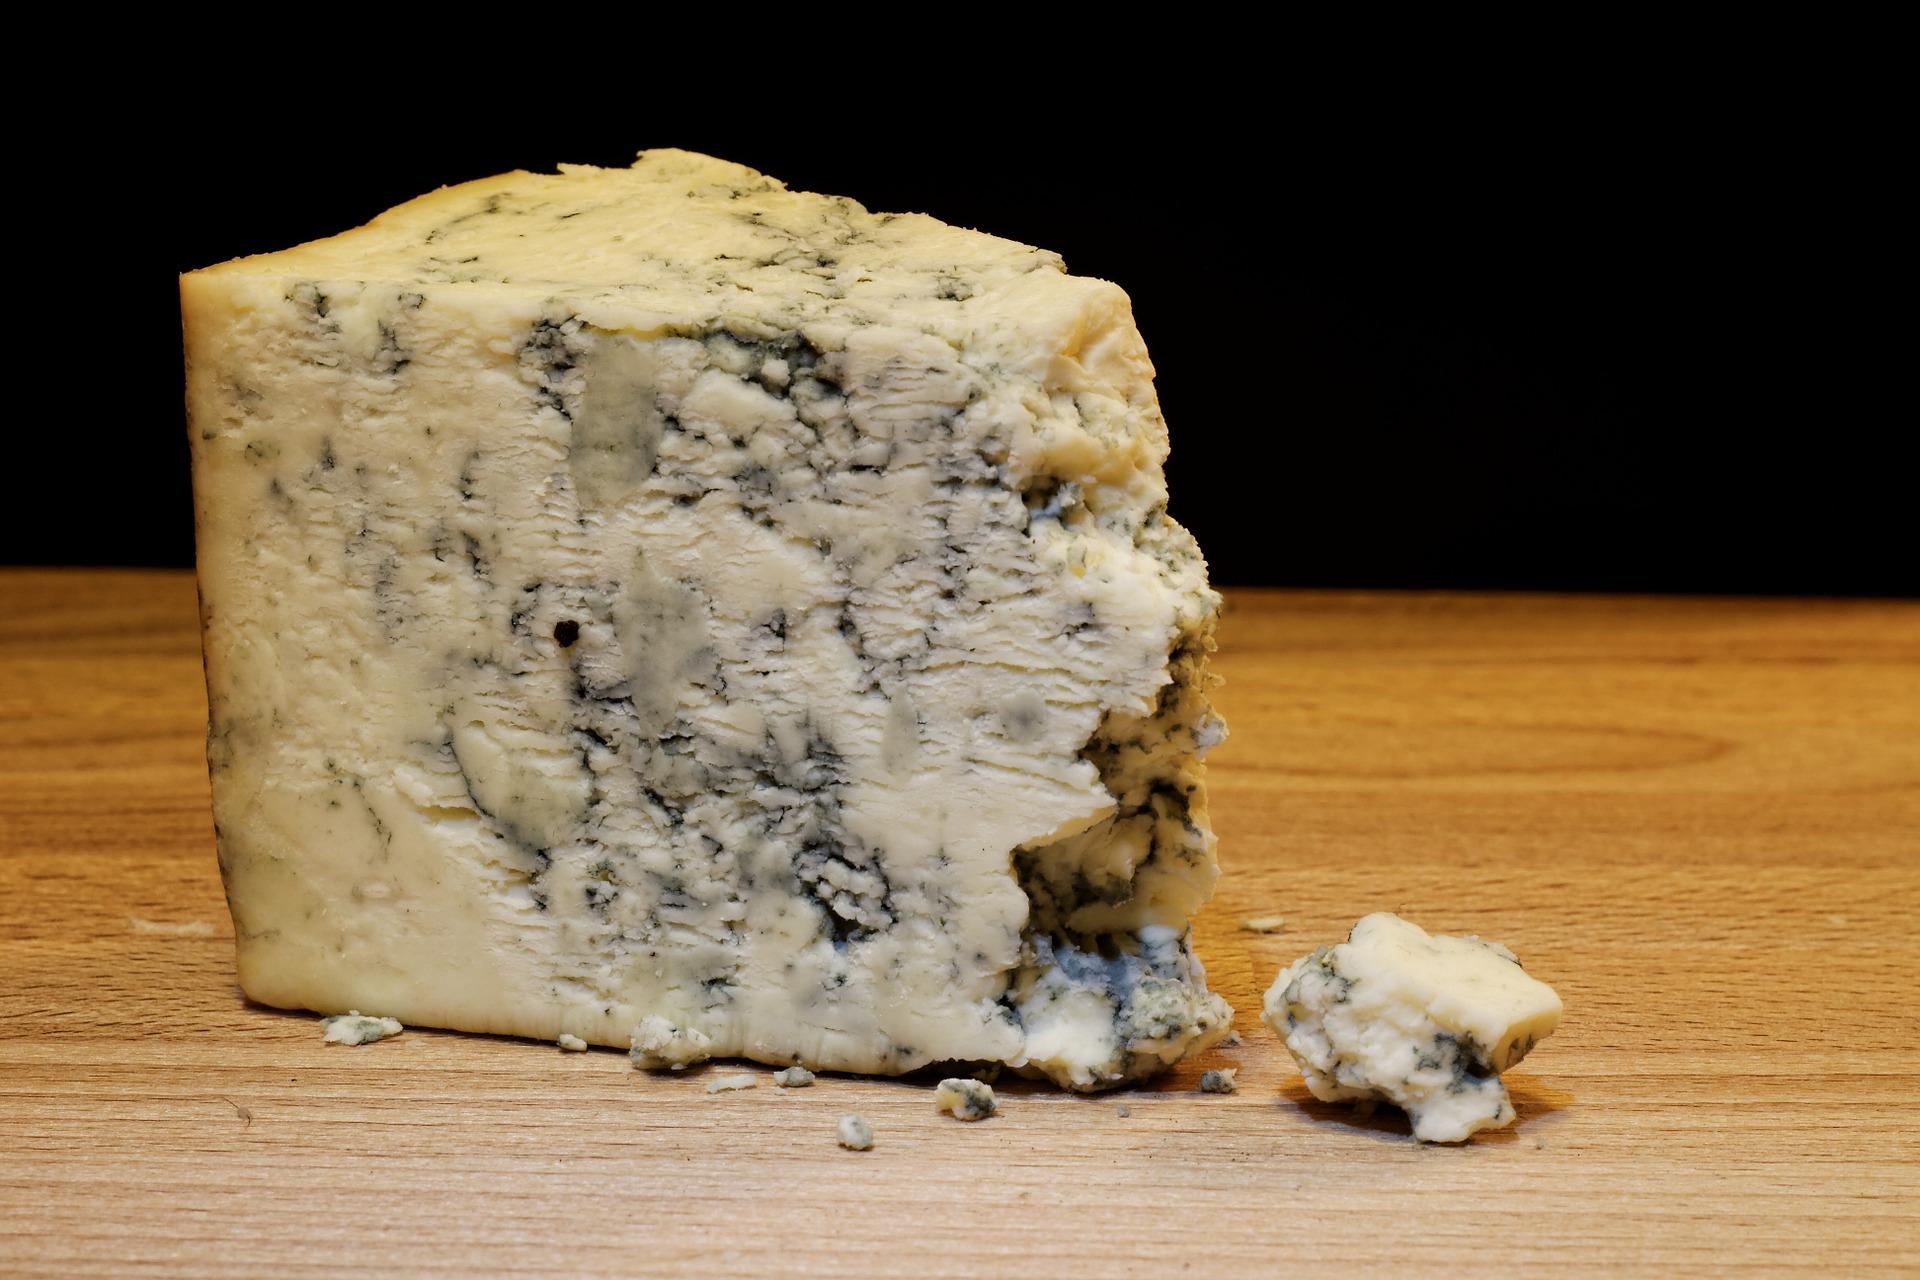 Dáte si pěkně zralý sýr? www.pixabay.com